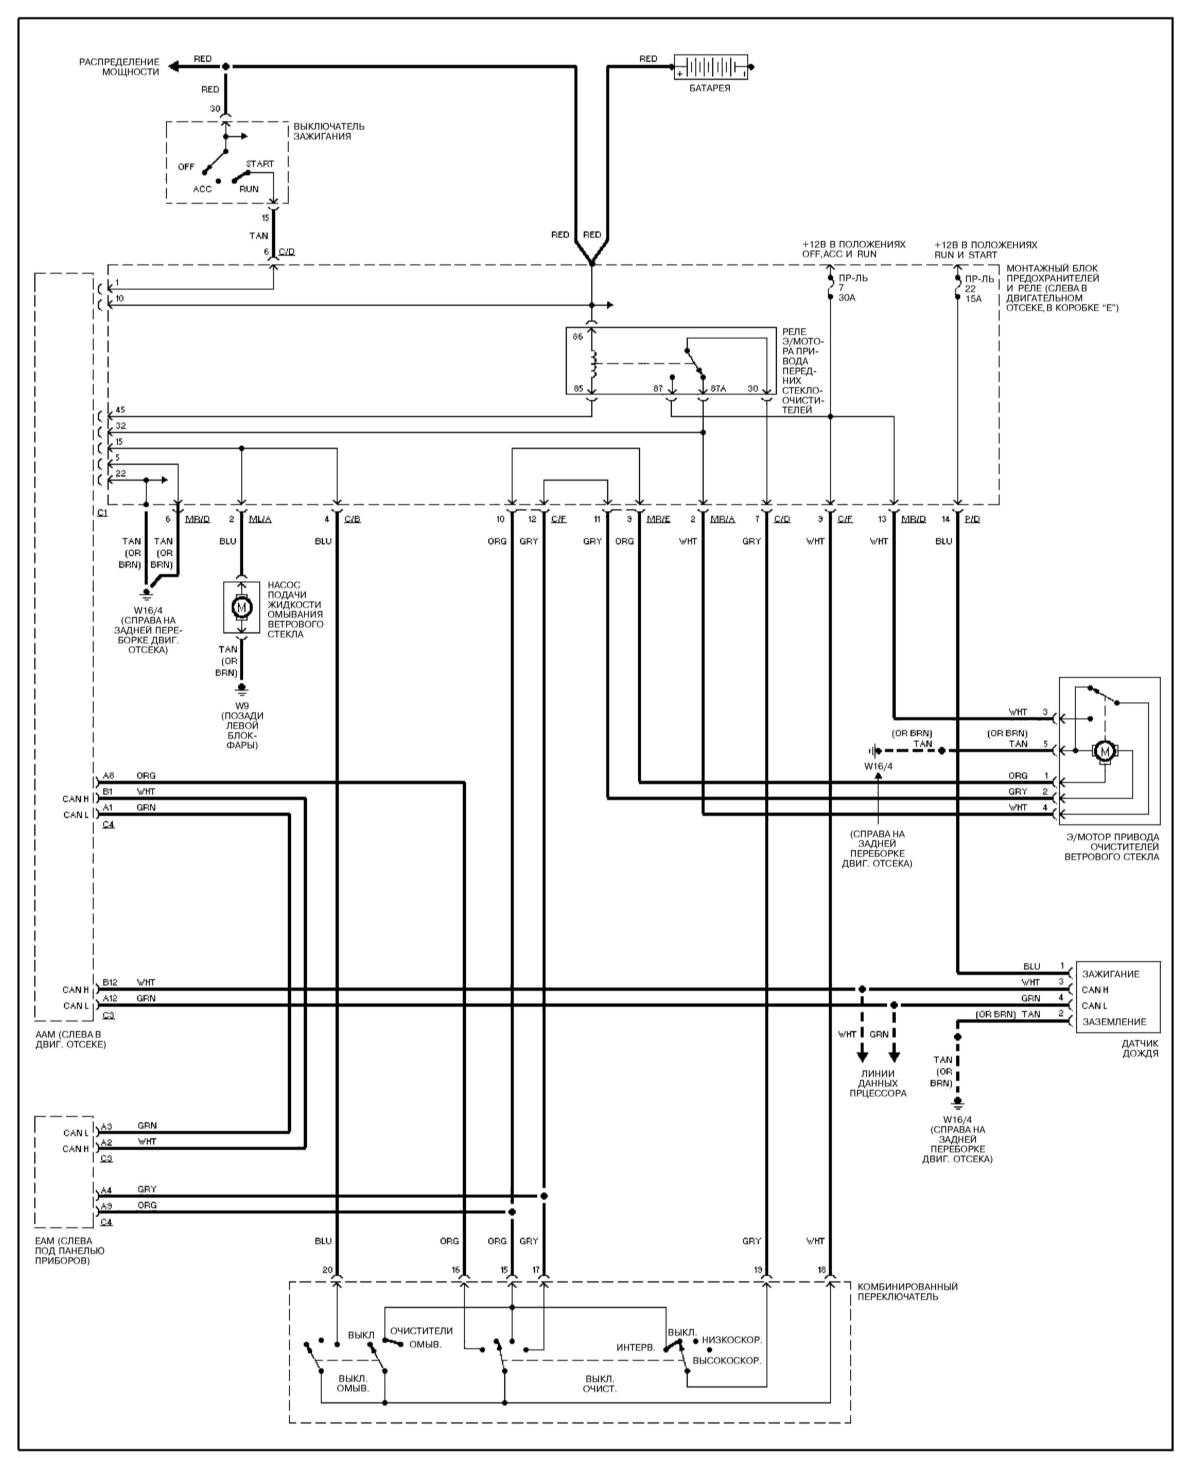 электрическая схема автомобиля ford focus 2002 г cdi